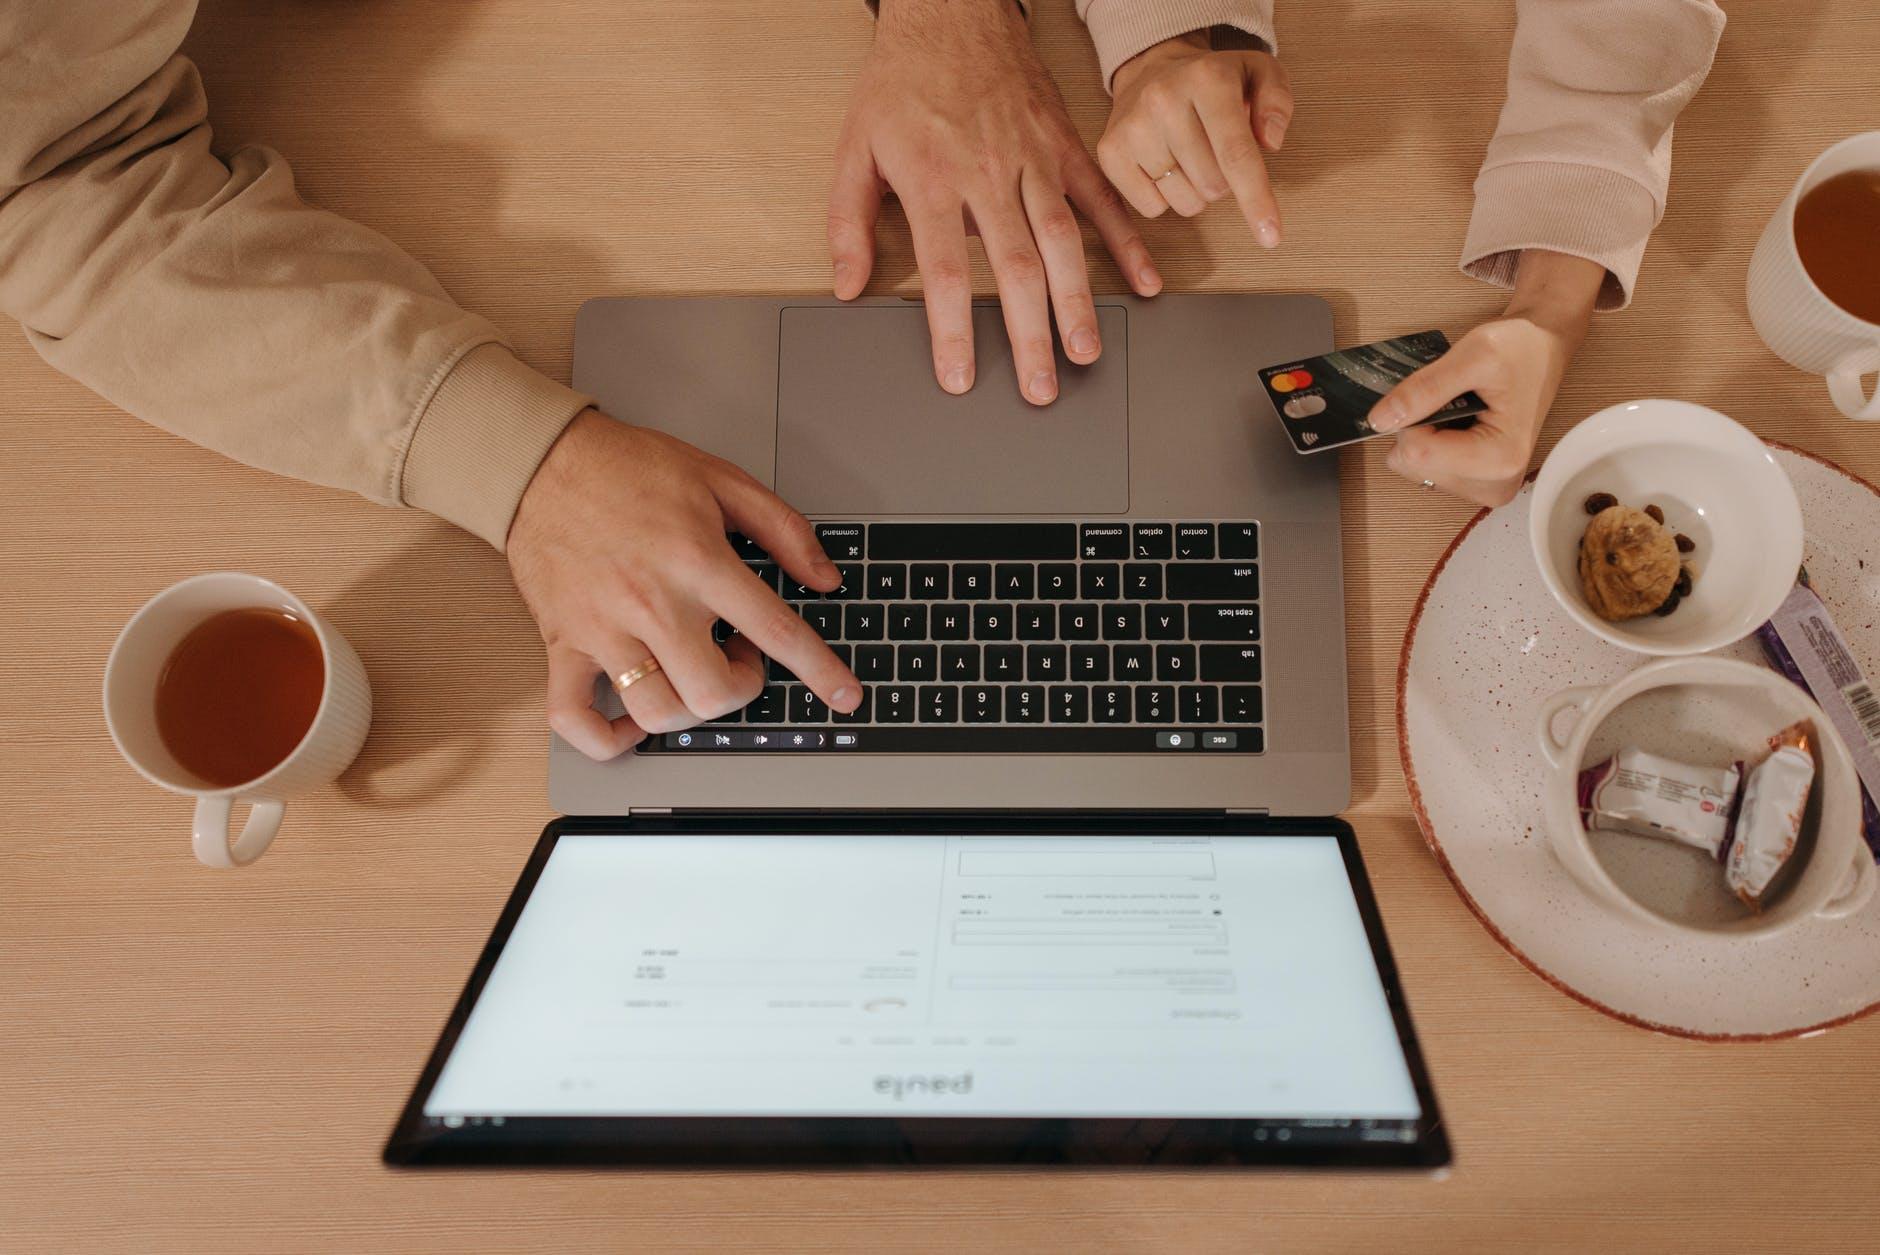 Notebook sobre mesa de madeira, ao lado algumas xícaras, duas pessoas manuseando o notebook, uma delas com um cartão de crédito nas mãos.